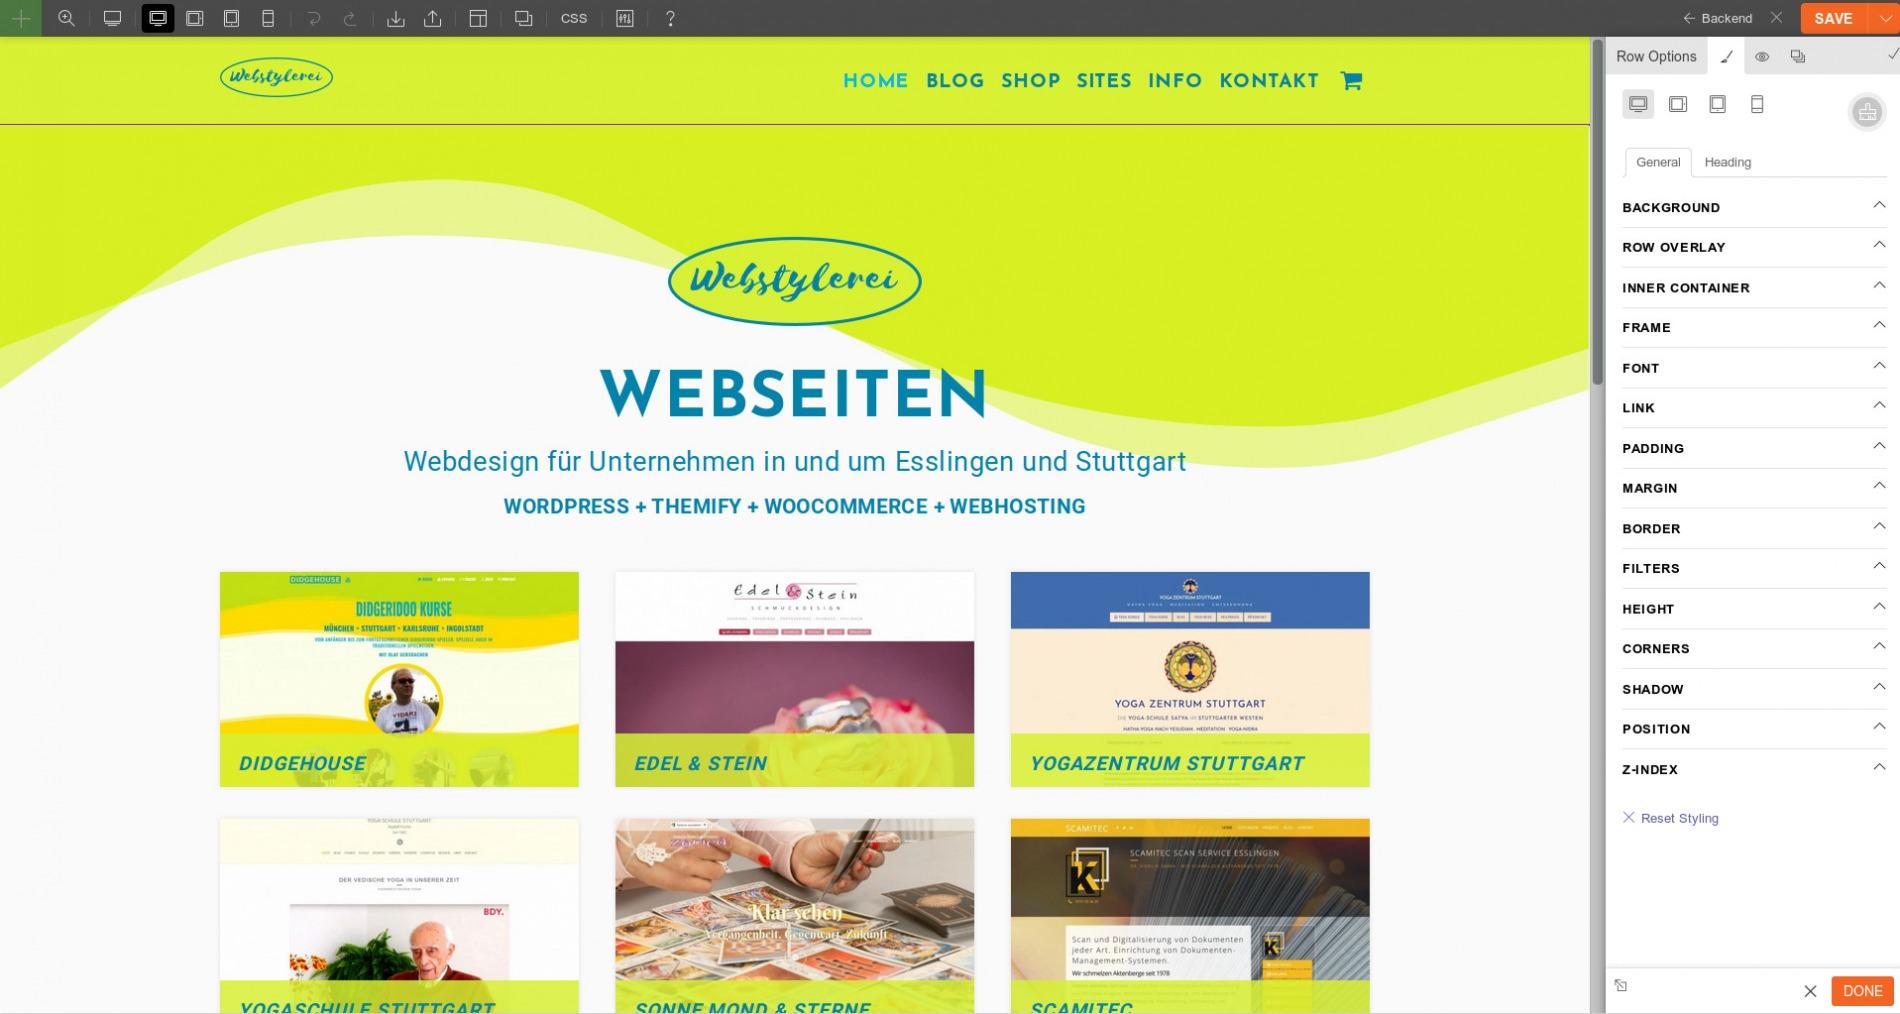 Webseiten_Erstellung_mit_WordPress_Themify_und_der_Webstylerei